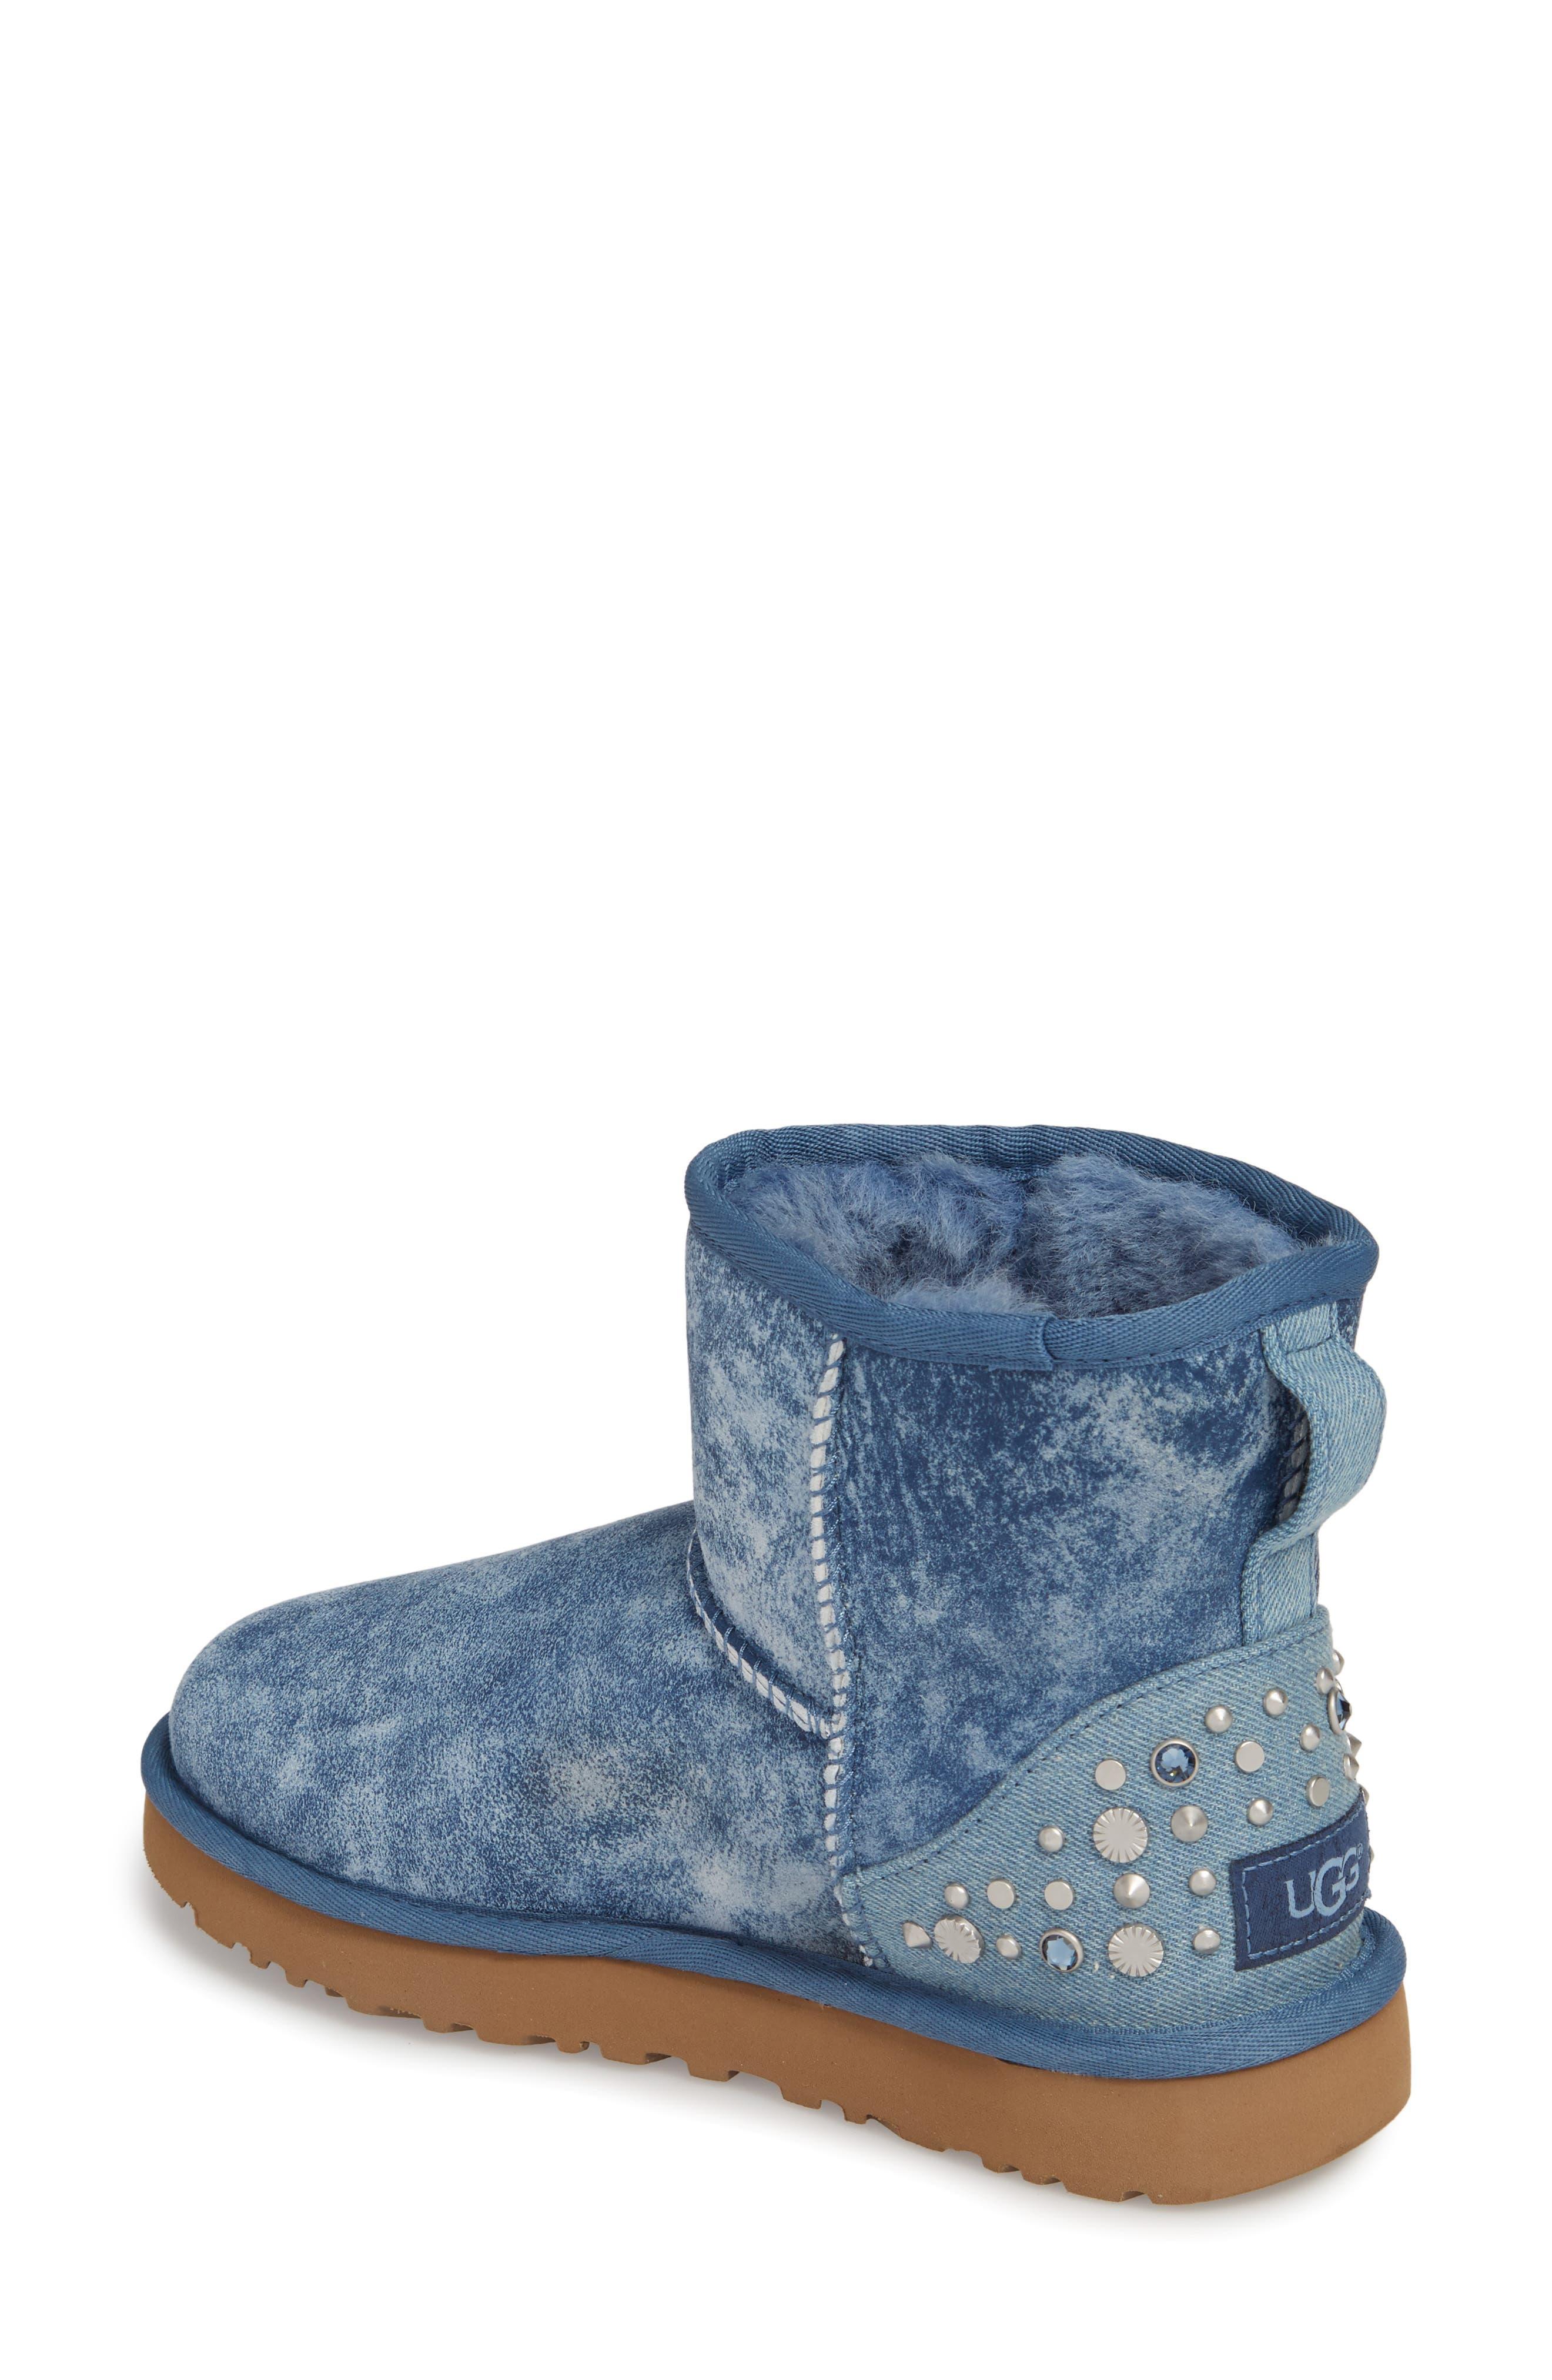 Alternate Image 2  - UGG® Mini Studded Bling Boot (Women)